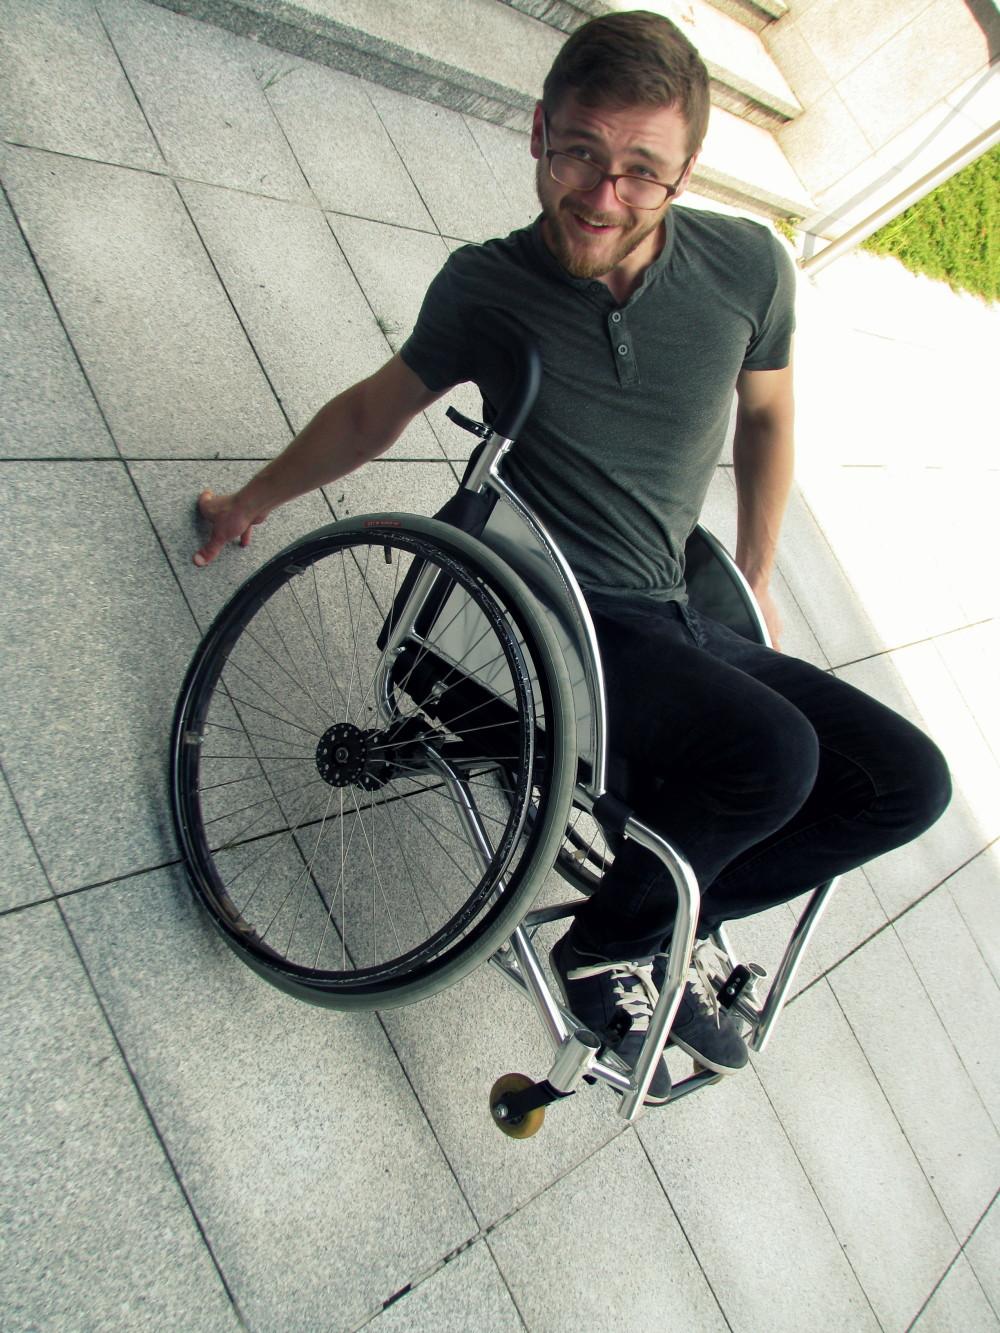 Praktyka czyni mistrzem! Po pewnym czasie wiedziałem już więcej, jak manewrować na wózku, by za bardzo się nie pokiereszować.